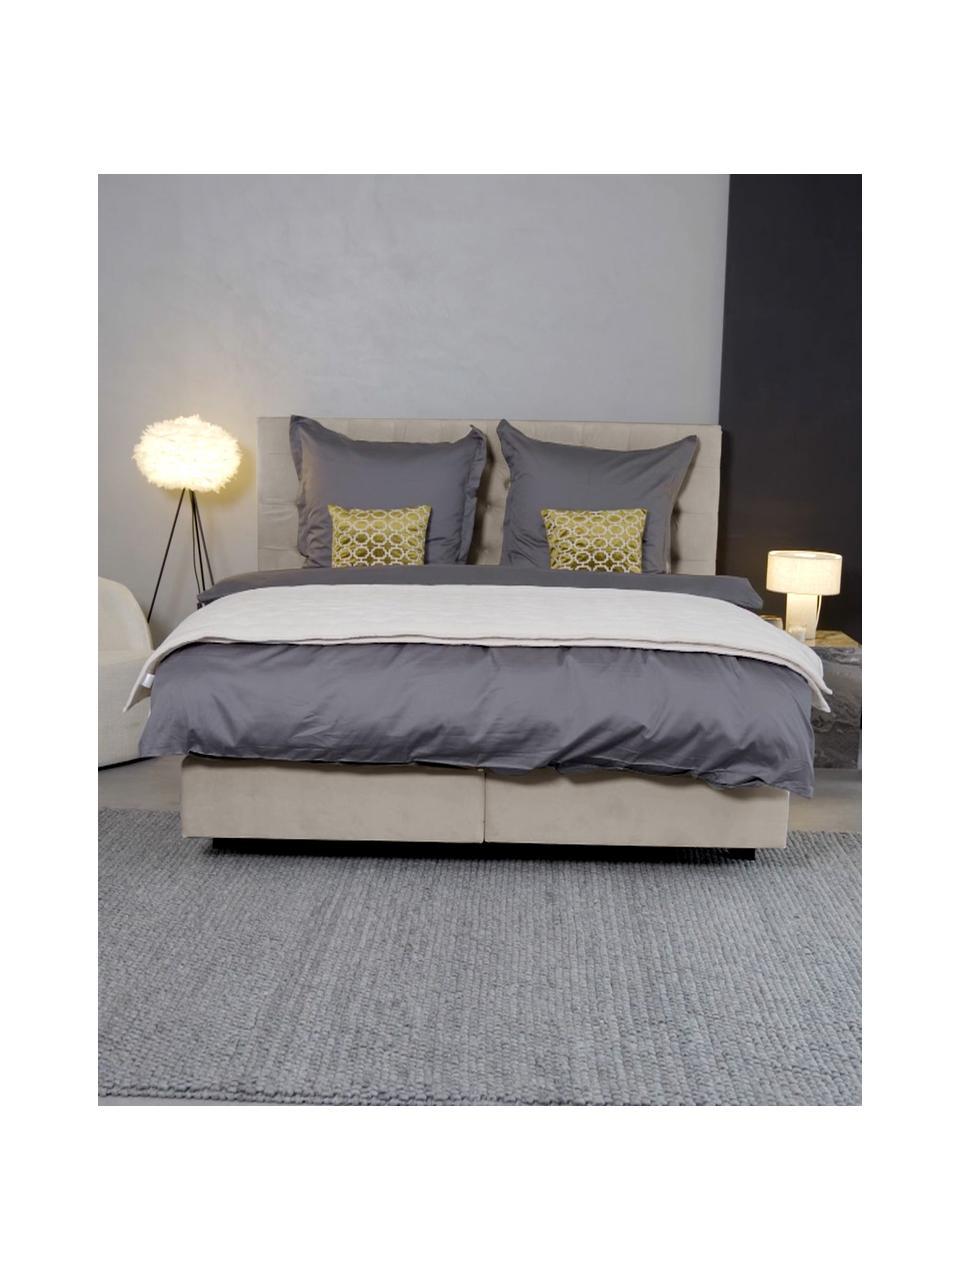 Łóżko kontynentalne z aksamitu premium Phoebe, Nogi: lite drewno brzozowe, lak, Aksamitny taupe, 200 x 200 cm